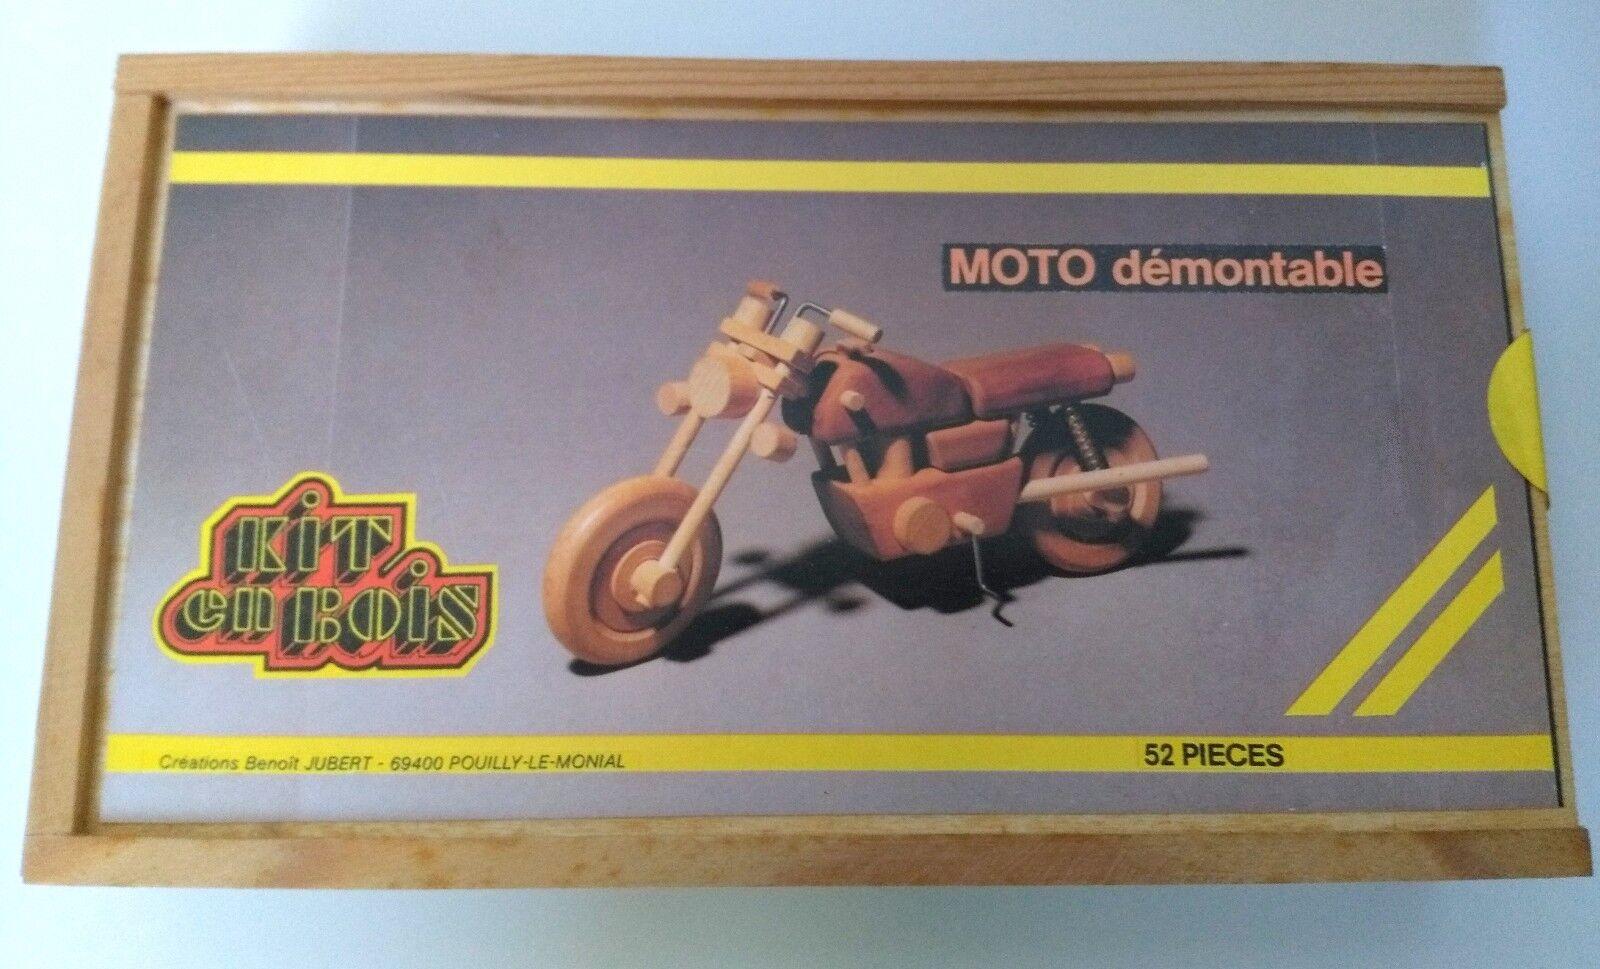 Maquette Moto démontable- Kit en Bois- Création  B.Jubert -